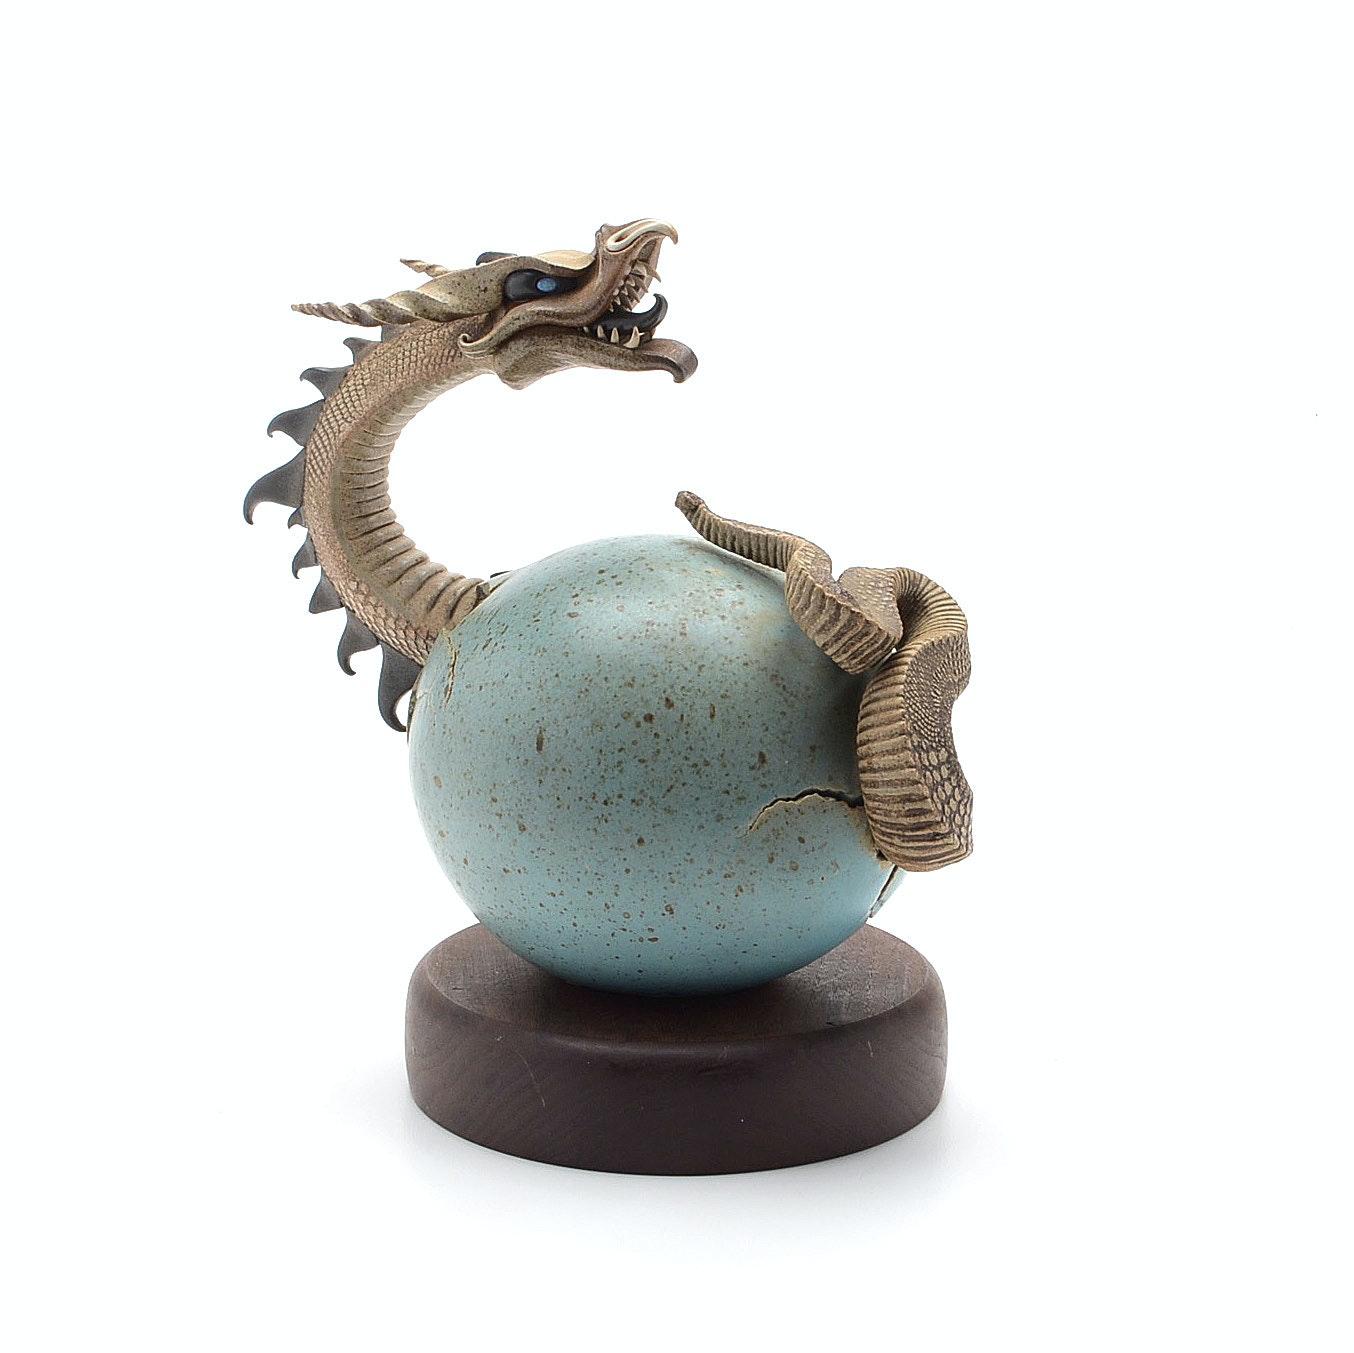 Dennis Thompson Dragon Egg Stoneware Sculpture